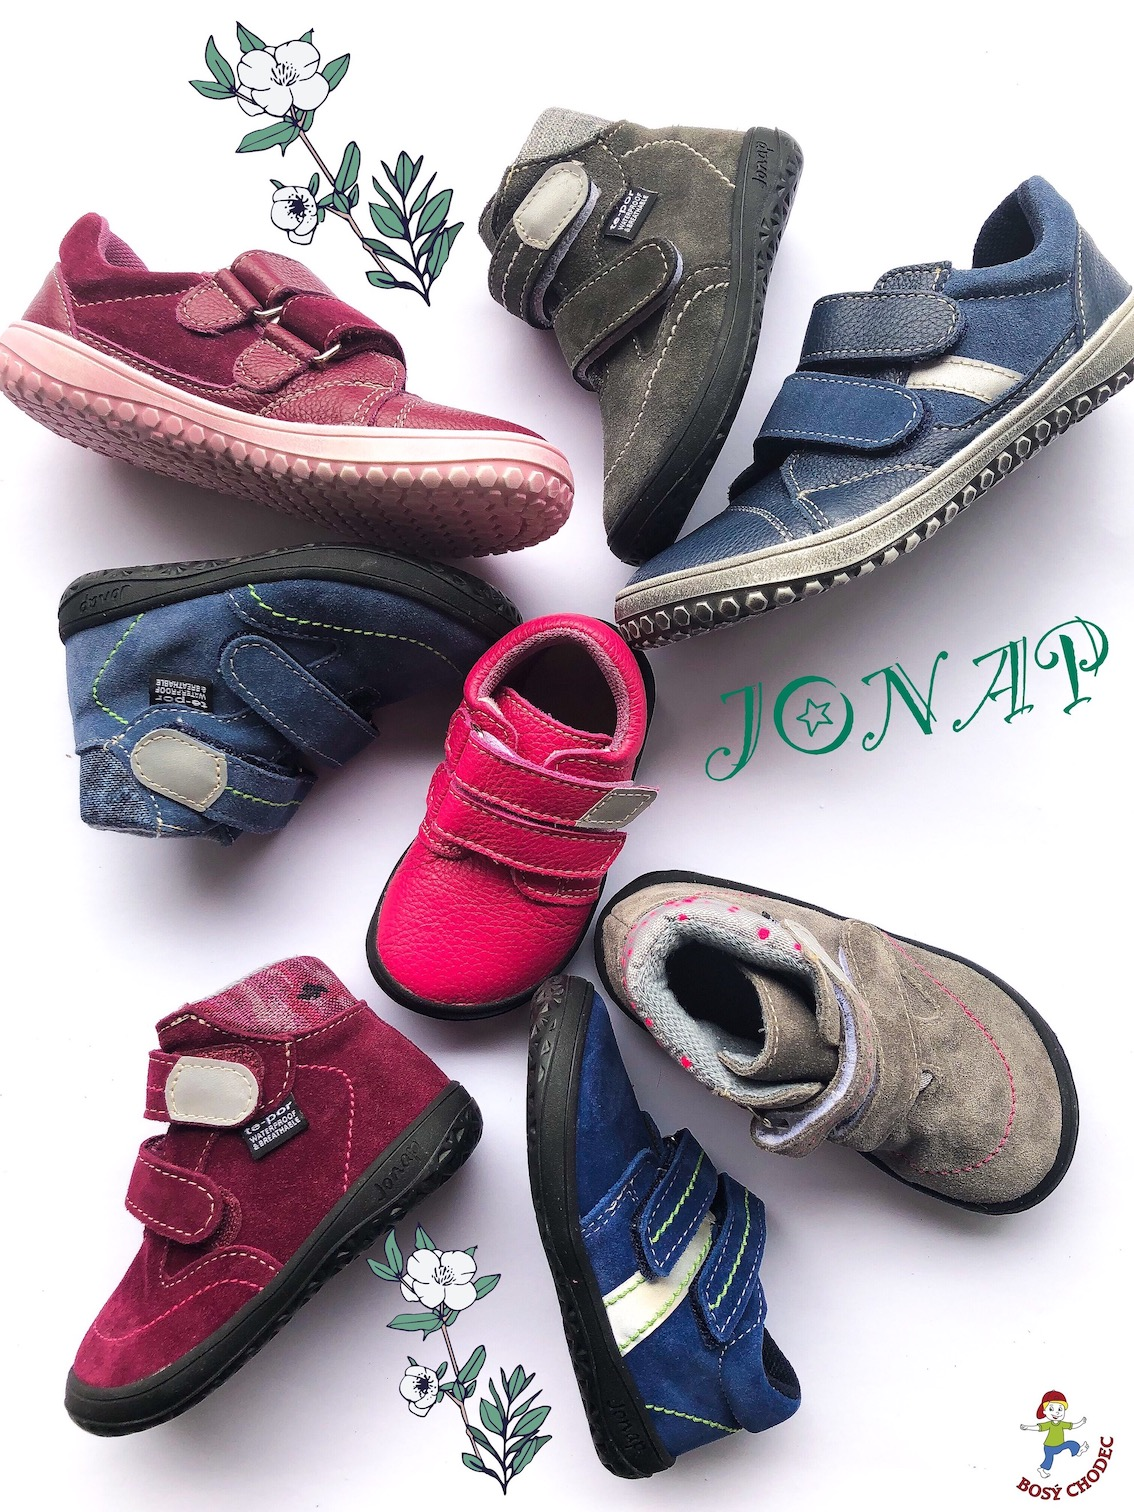 Jonap - celoroční dětské barefoot boty